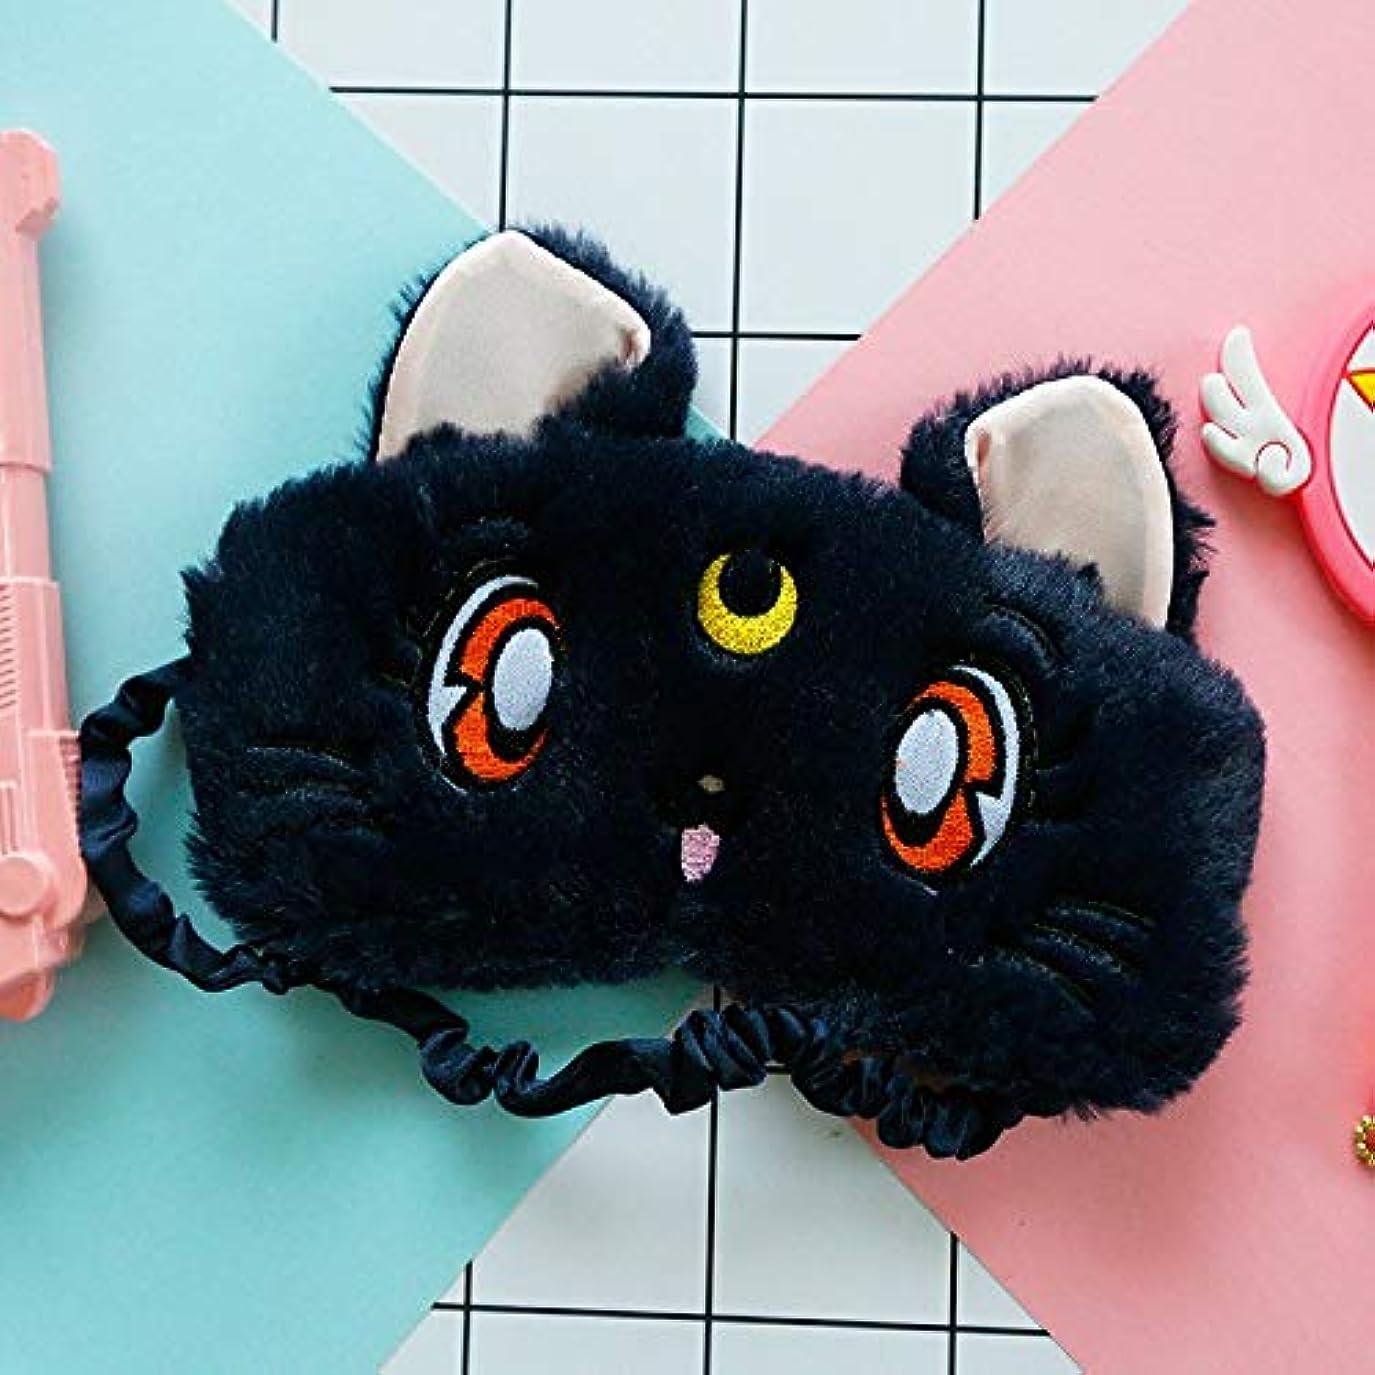 発生器正気一掃するNOTE 3色ルナ任意睡眠マスクソフトアイシェード3d猫セーラームーンスリーピングシェードカバー昼寝漫画ぬいぐるみアイパッチでアイスバッグ